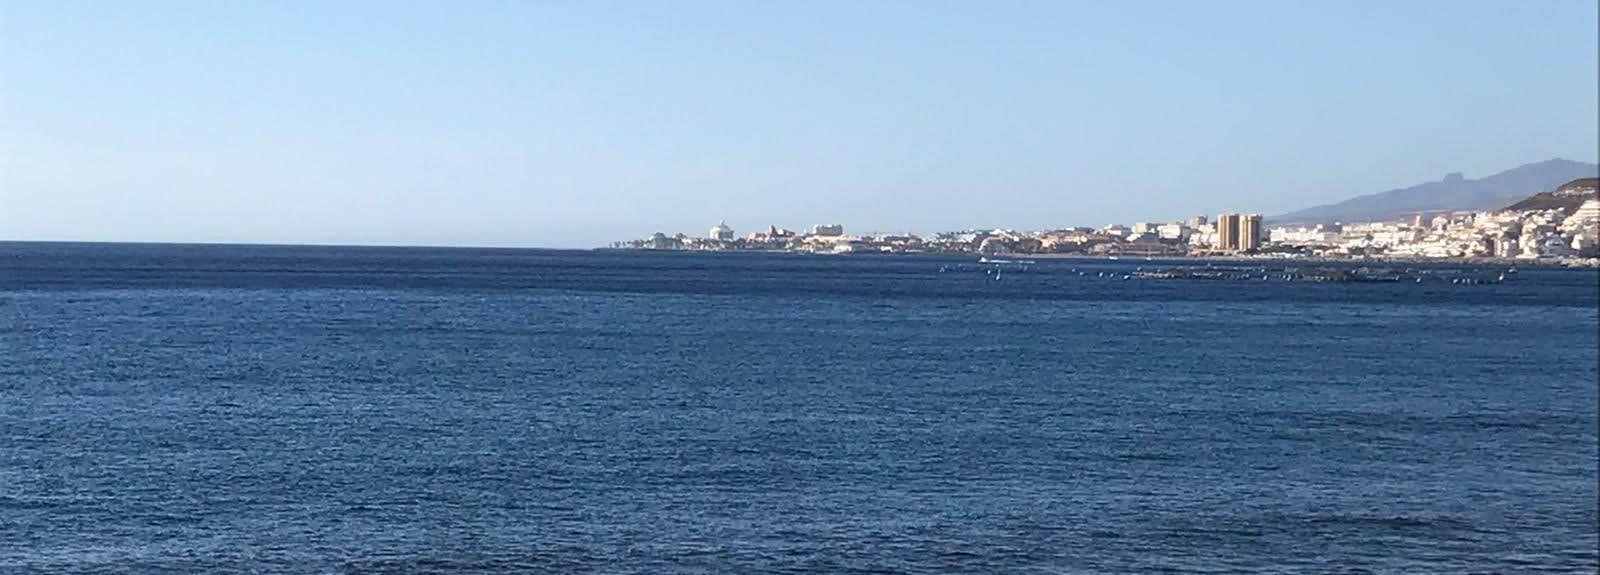 Playa Paraiso, Kanariansaaret, Espanja